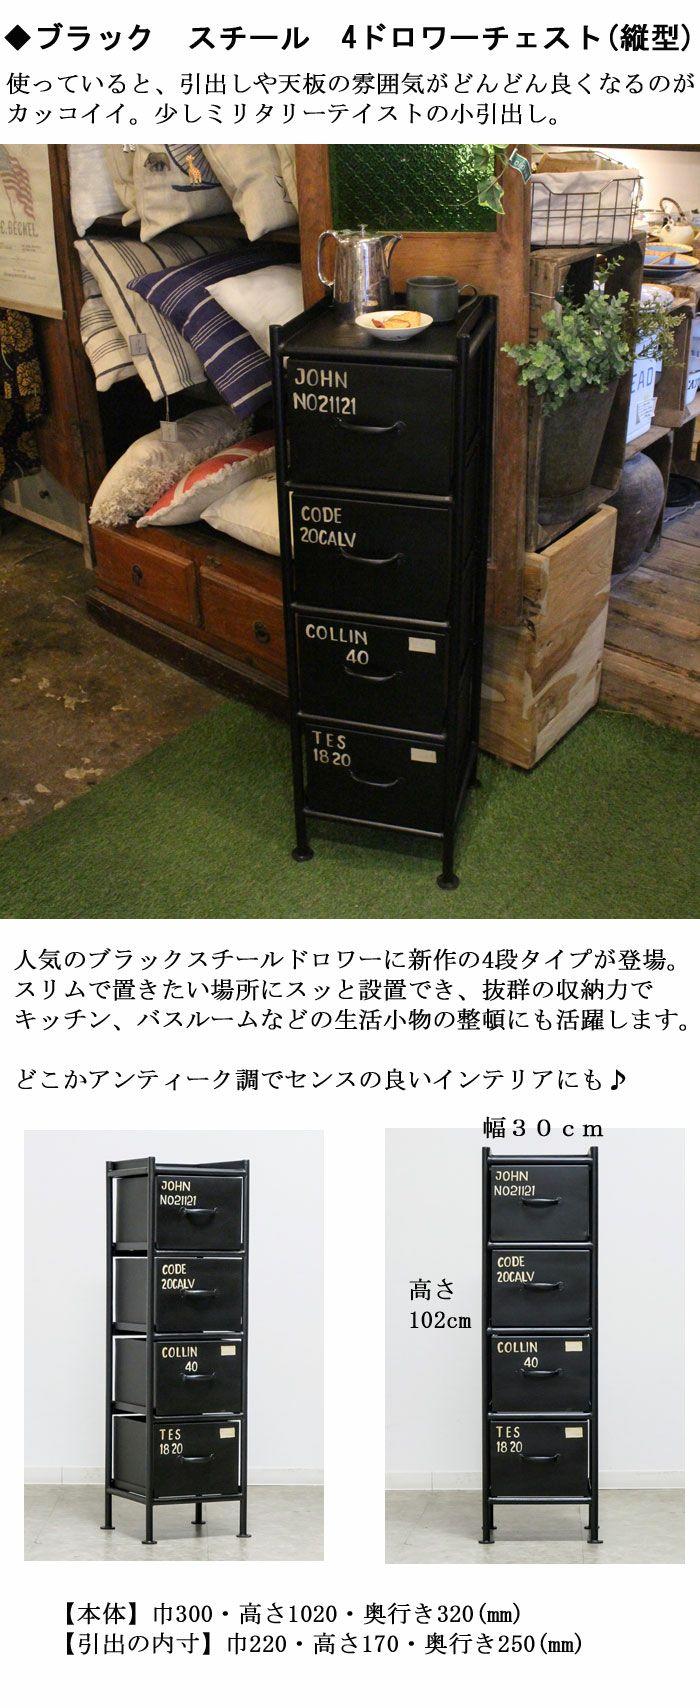 ◆ブラック スチール 4ドロワーチェスト(縦型)